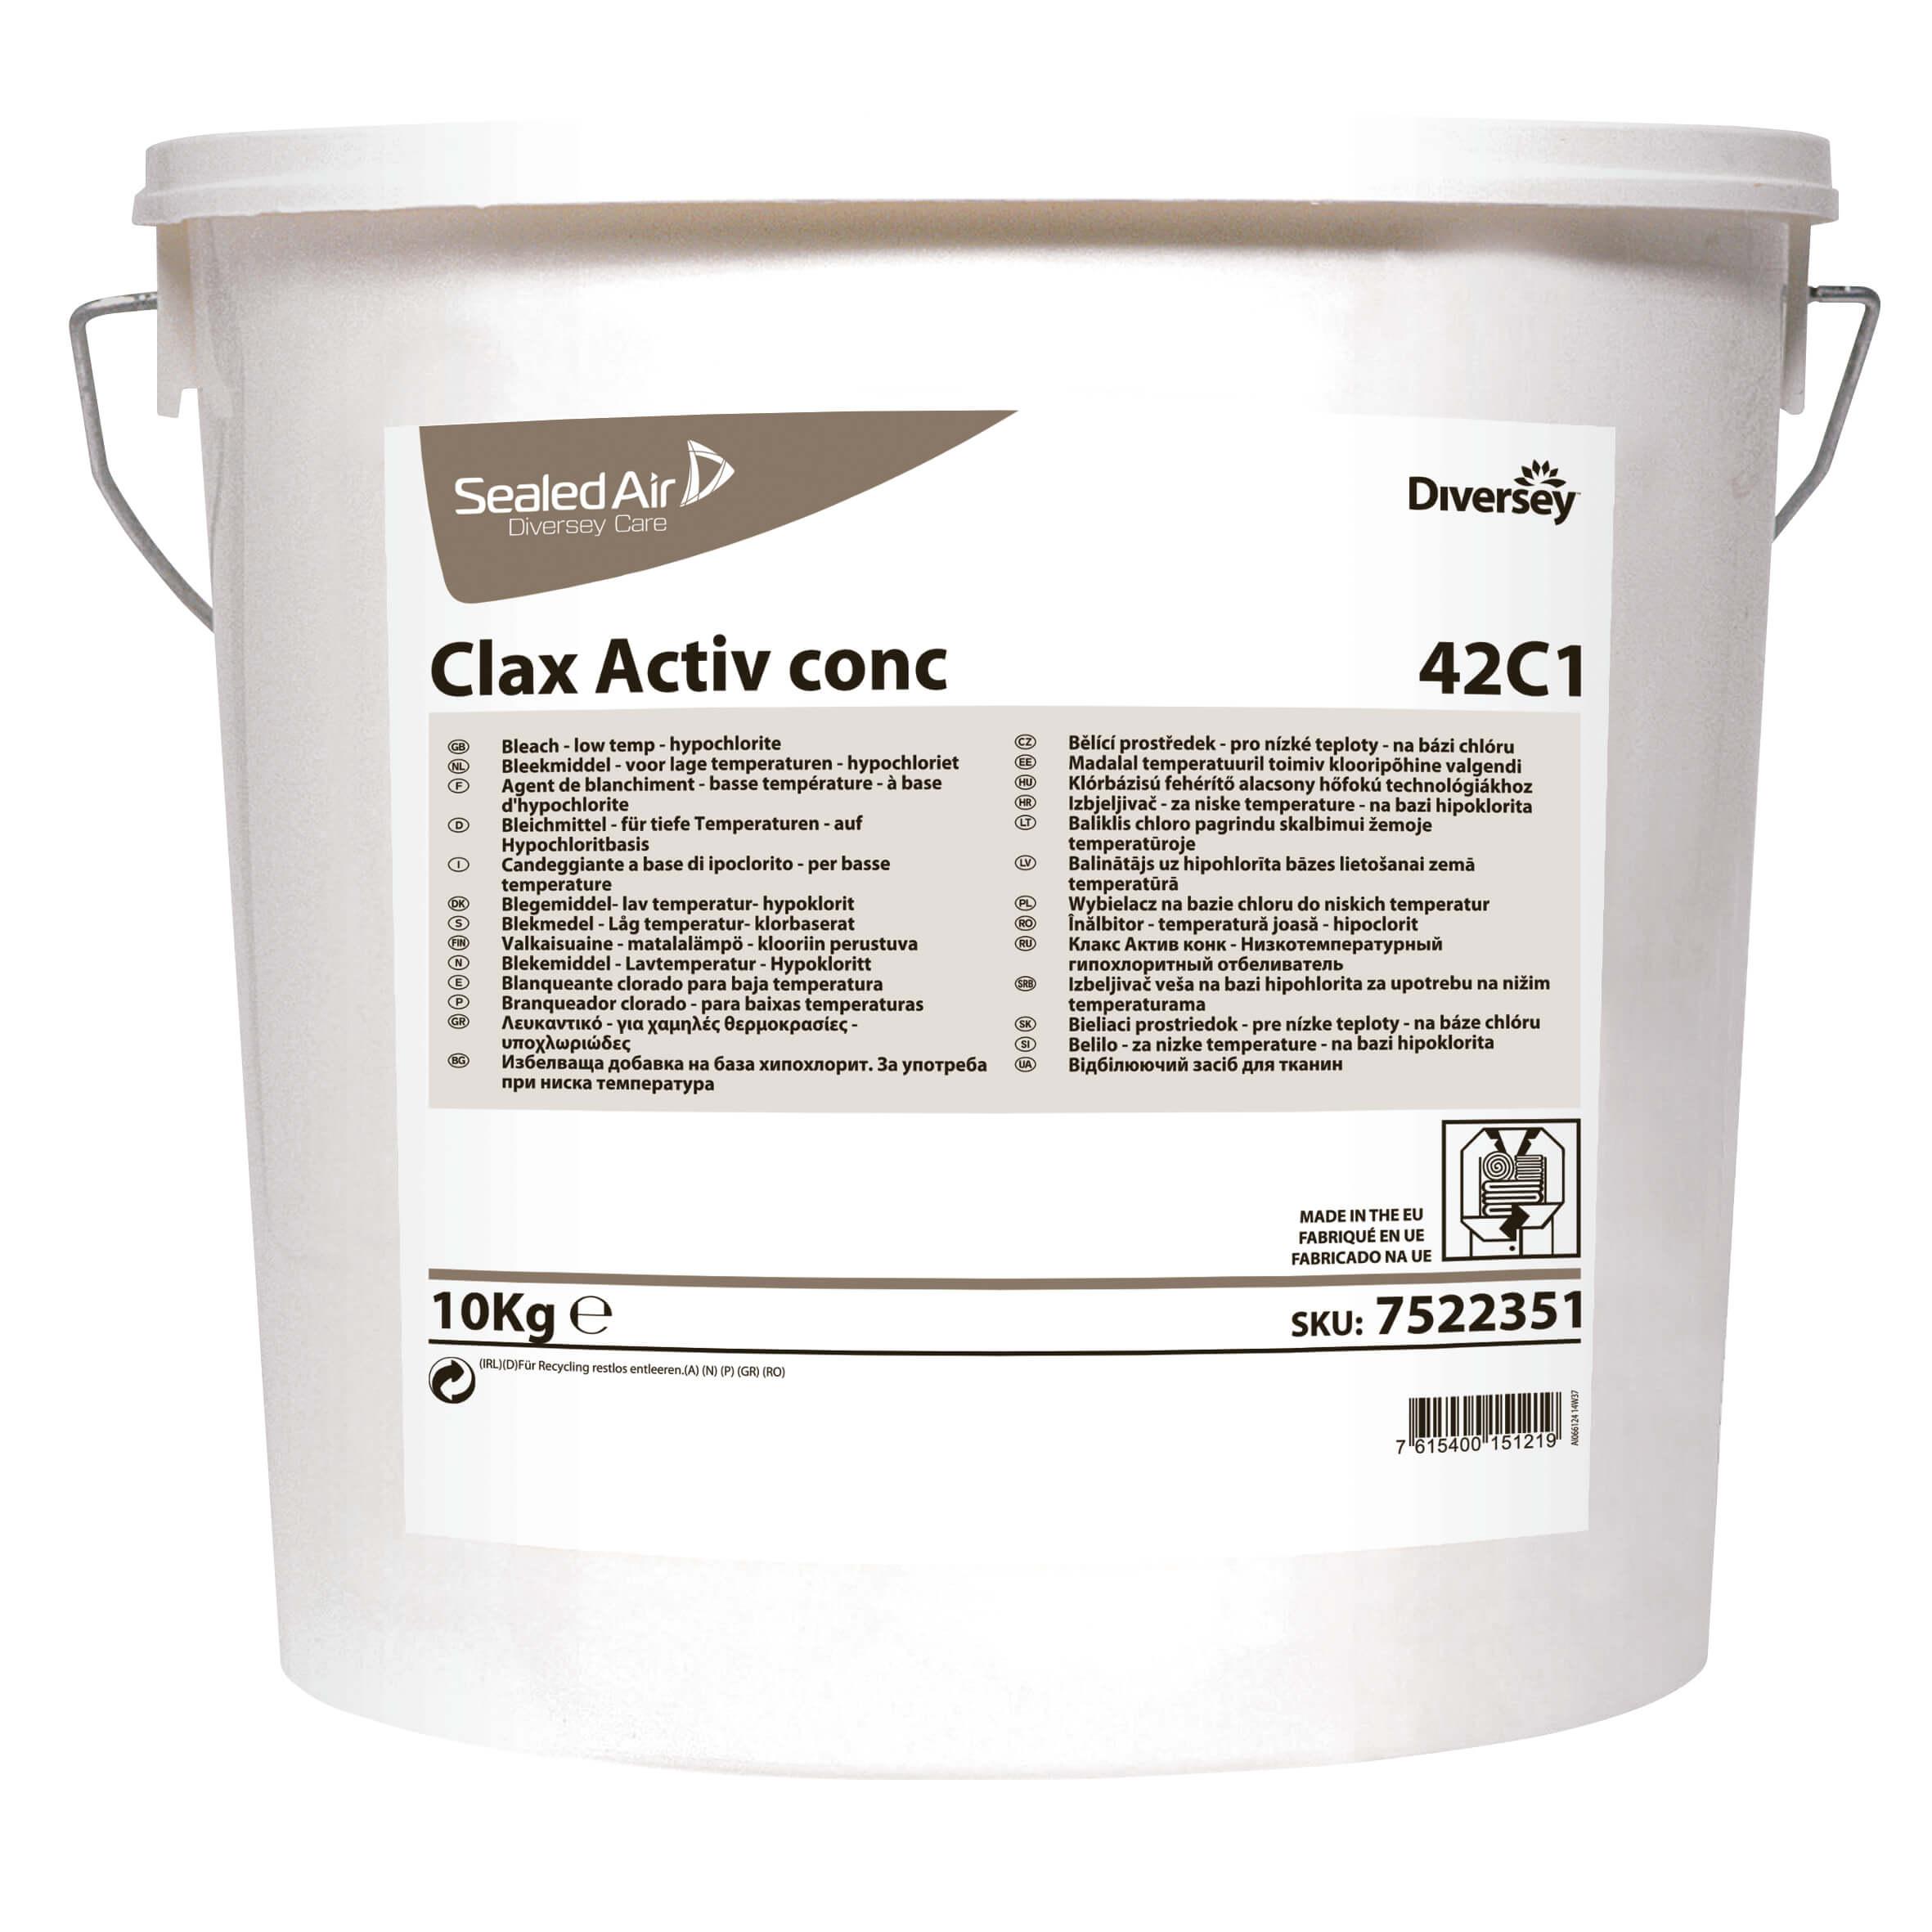 Clax Activ conc 42C1